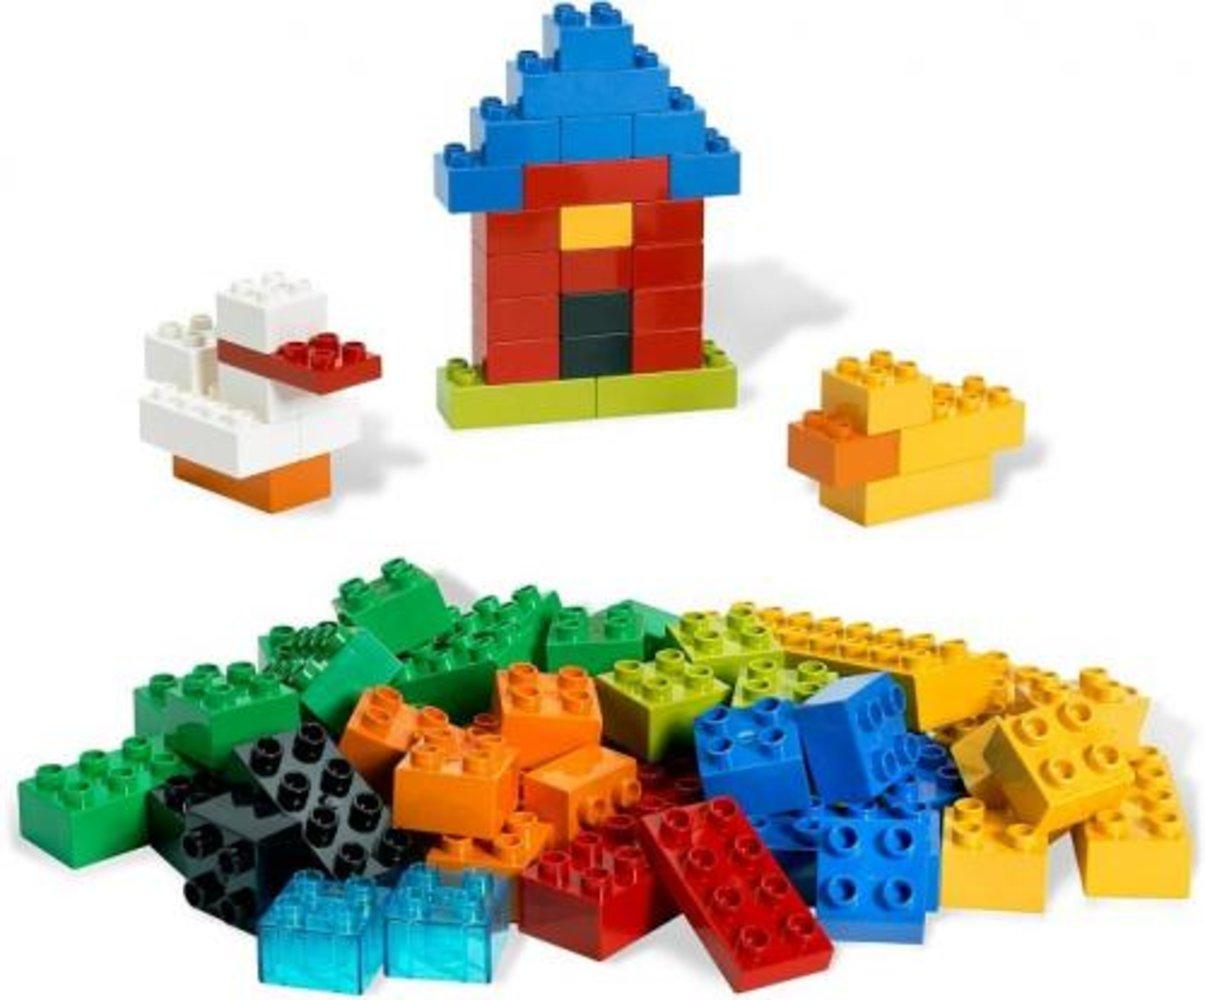 Basic Bricks - Deluxe